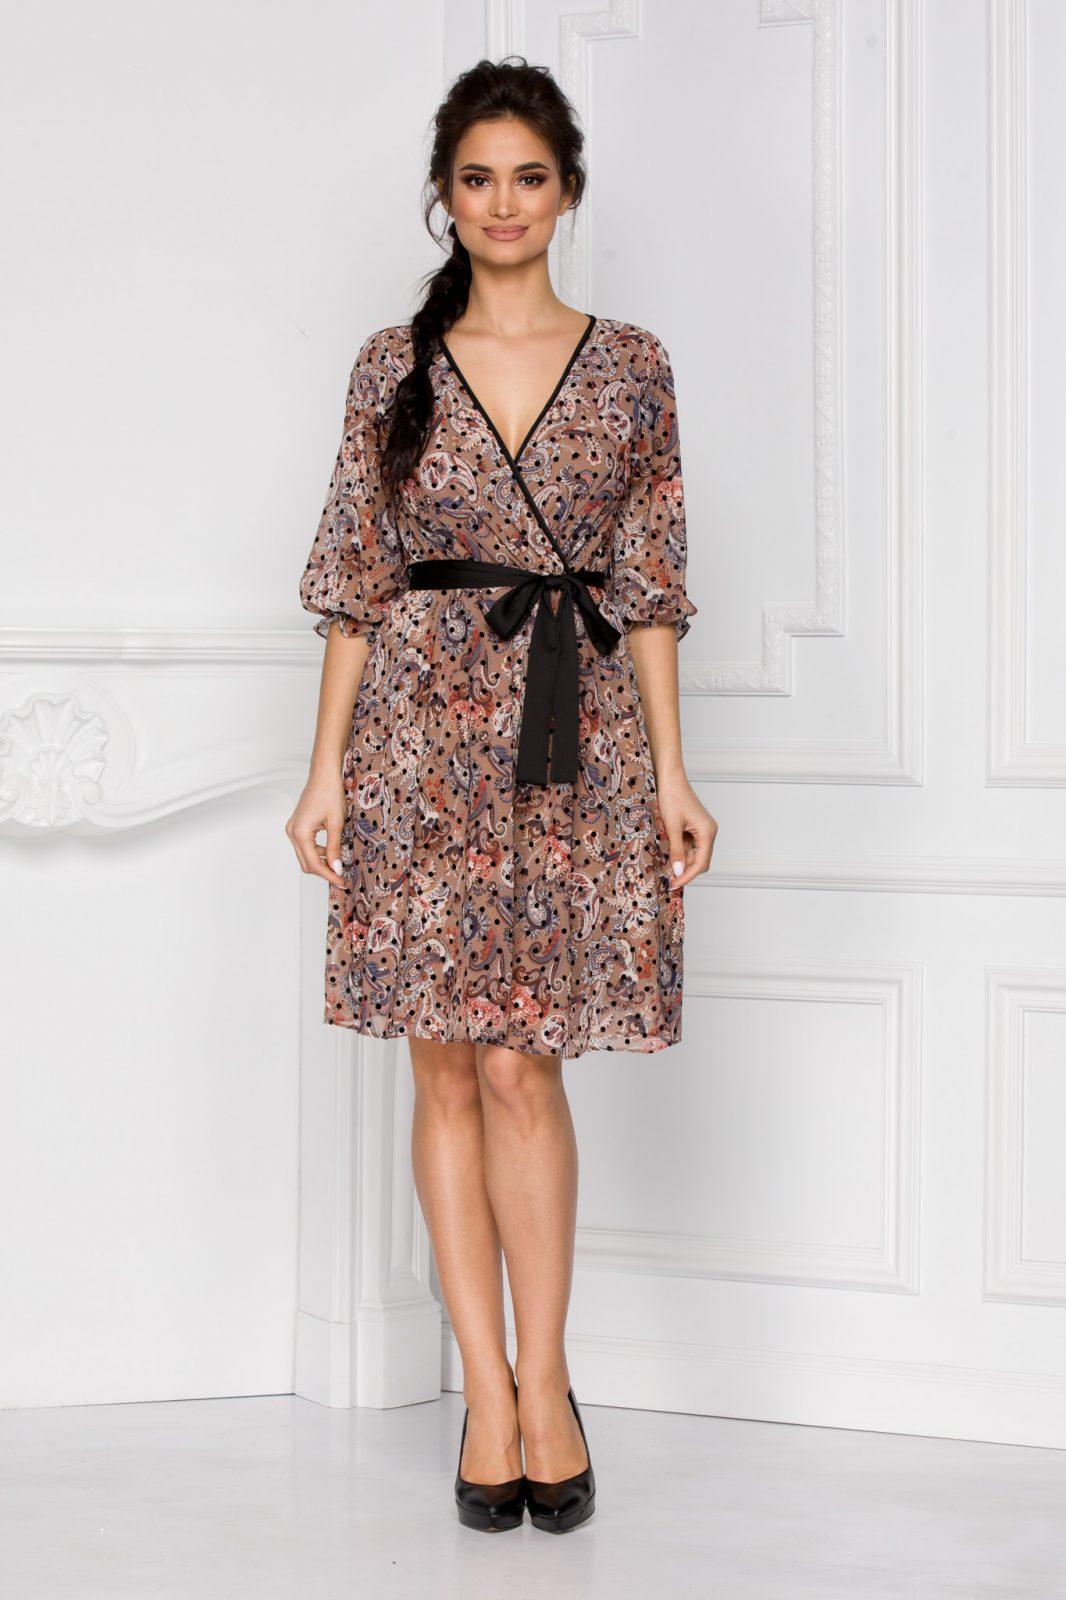 Davina Καθημερινό Φόρεμα 5926